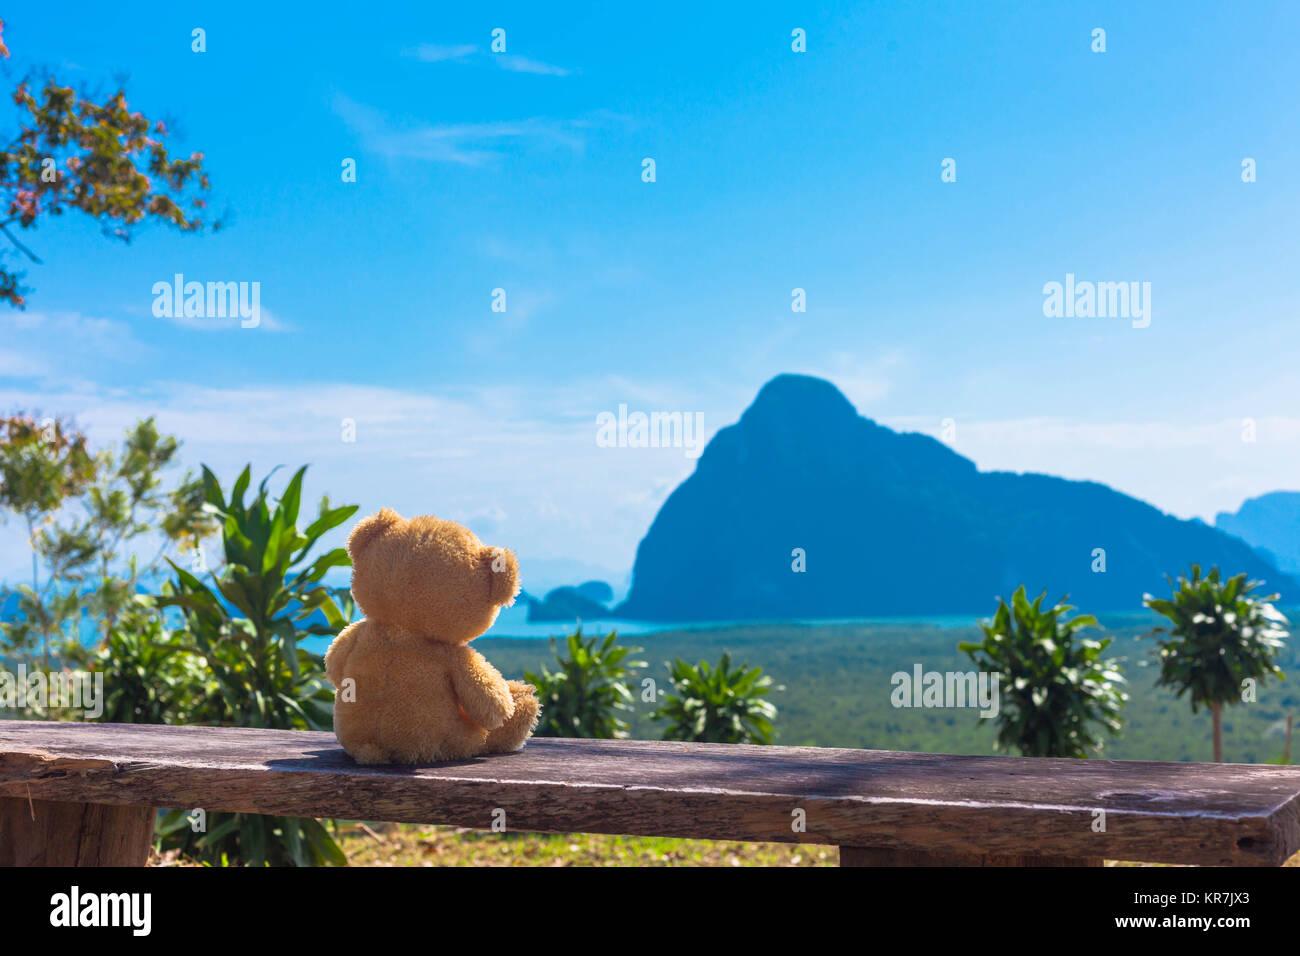 Andaman Islands Aerial Stock Photos Amp Andaman Islands Aerial Stock Images Alamy